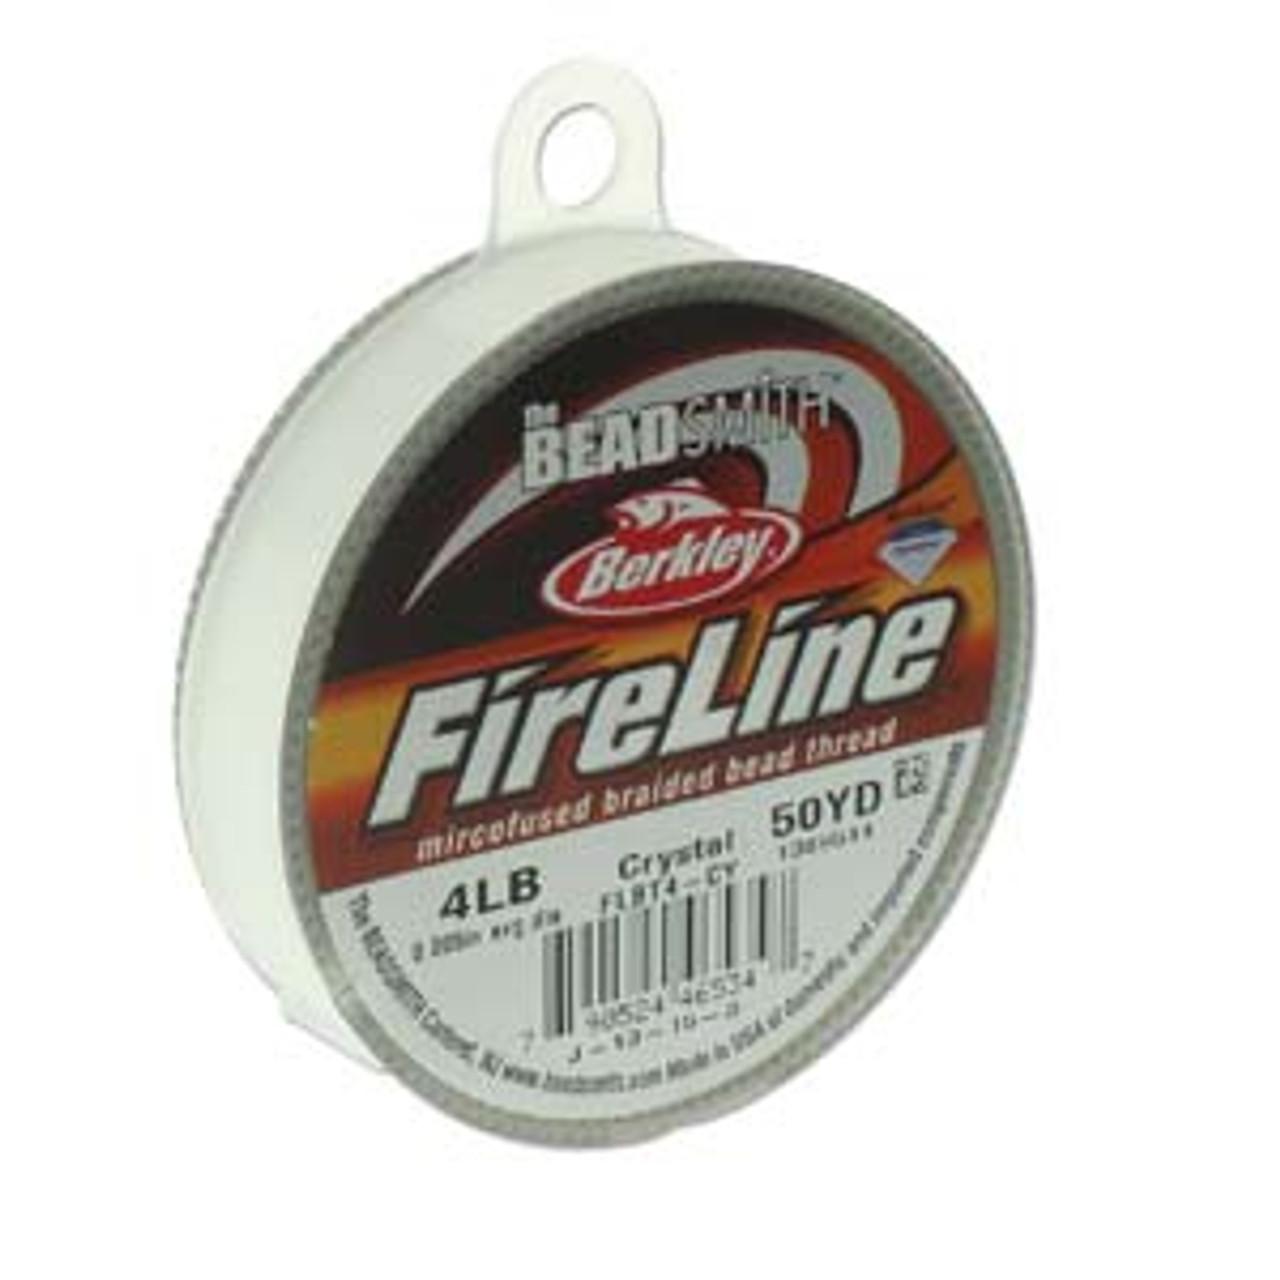 4lb Crystal Fireline - 50yd spool